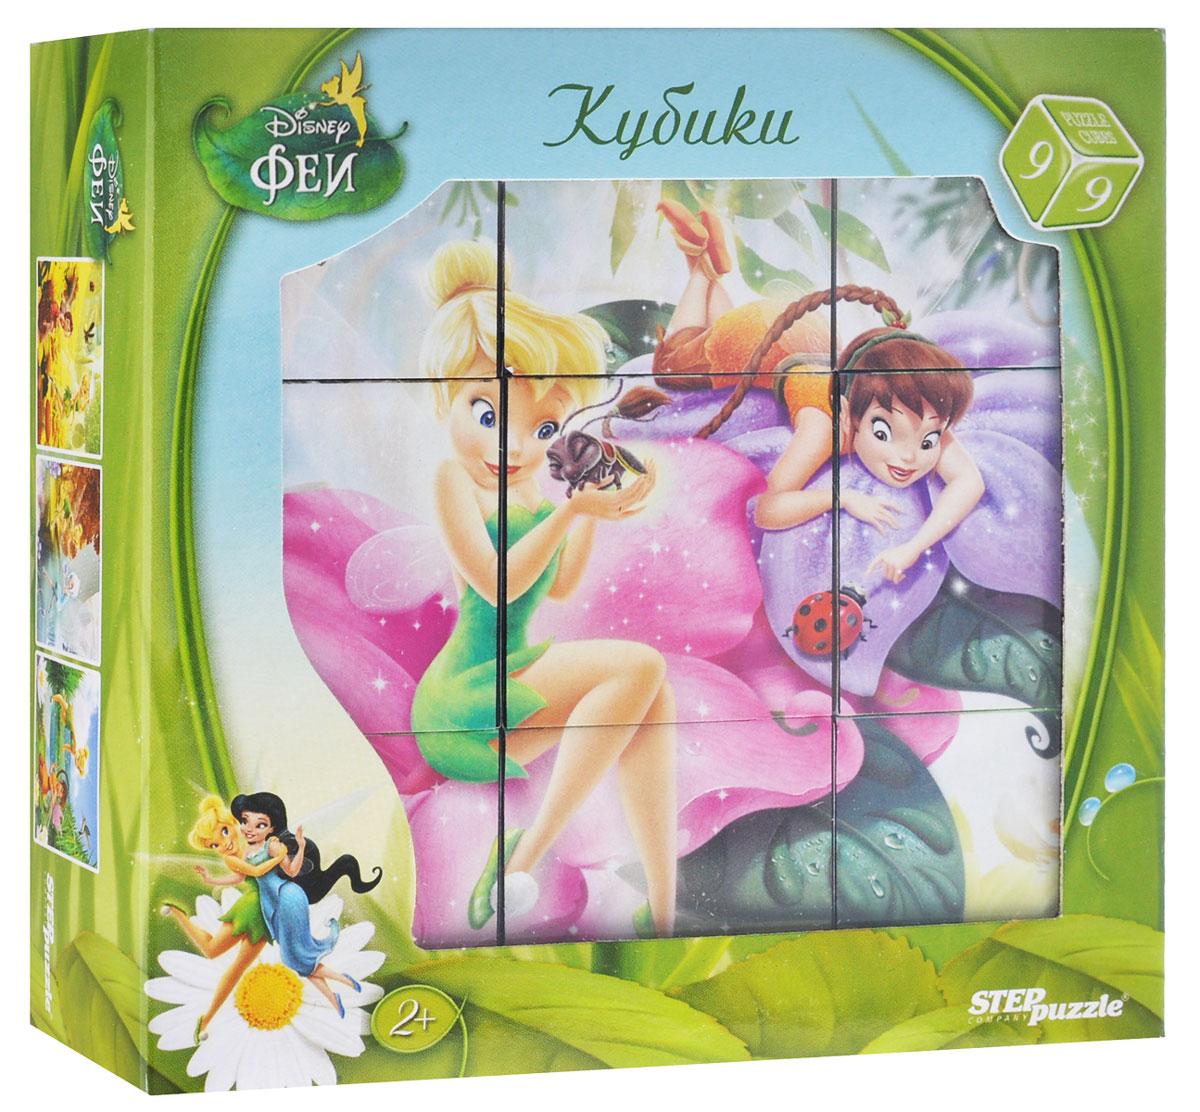 Step Puzzle Кубики Феи 9 элементов87128С помощью девяти кубиков Step Puzzle Феи ребенок сможет великолепную картинку с изображением прекрасных фей. Игра с кубиками развивает зрительное восприятие, наблюдательность и внимание, мелкую моторику рук и произвольные движения. Ребенок научится складывать целостный образ из частей, определять недостающие детали изображения. Это прекрасный комплект для развлечения и времяпрепровождения с пользой для малыша.